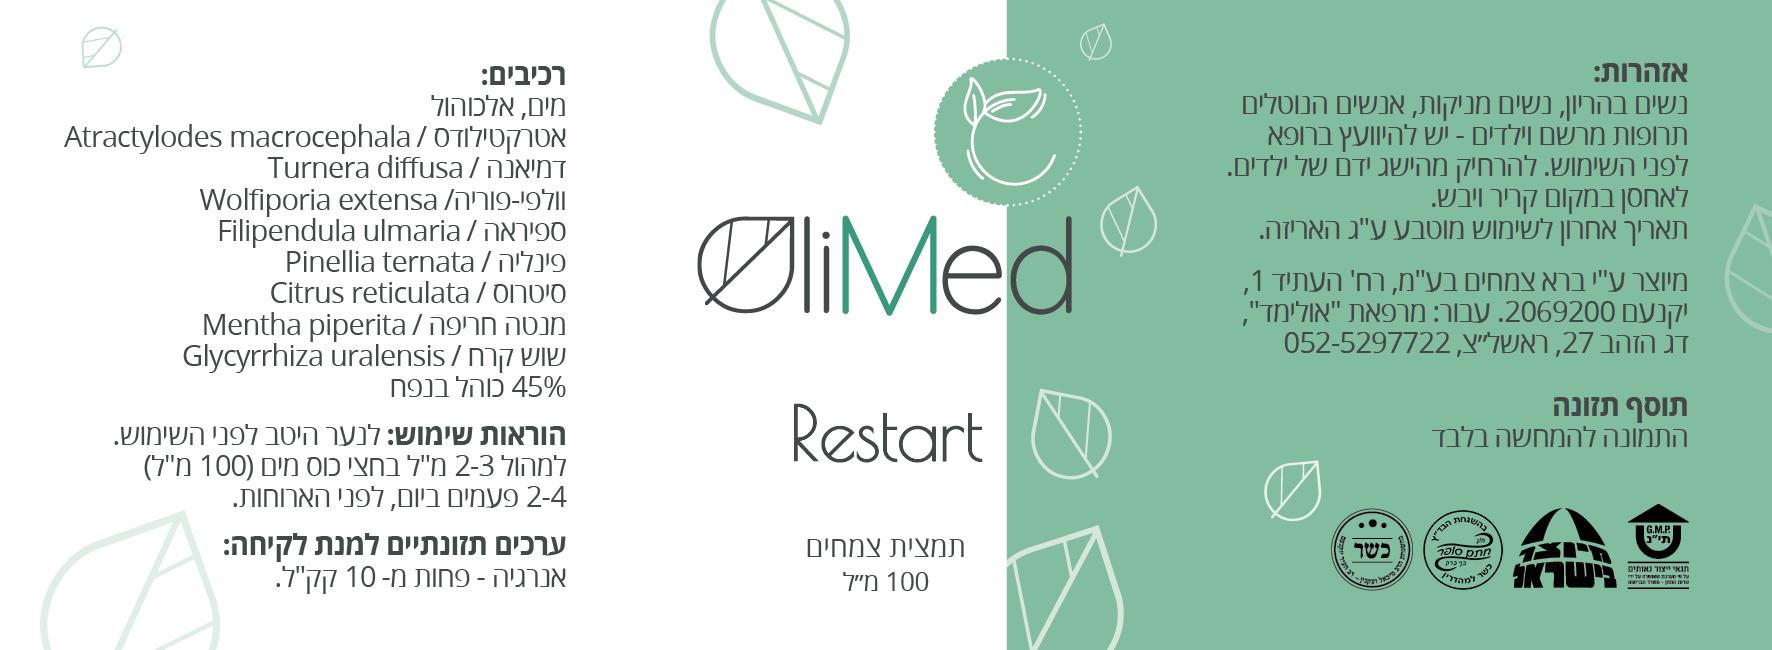 Olimed_Bottle5